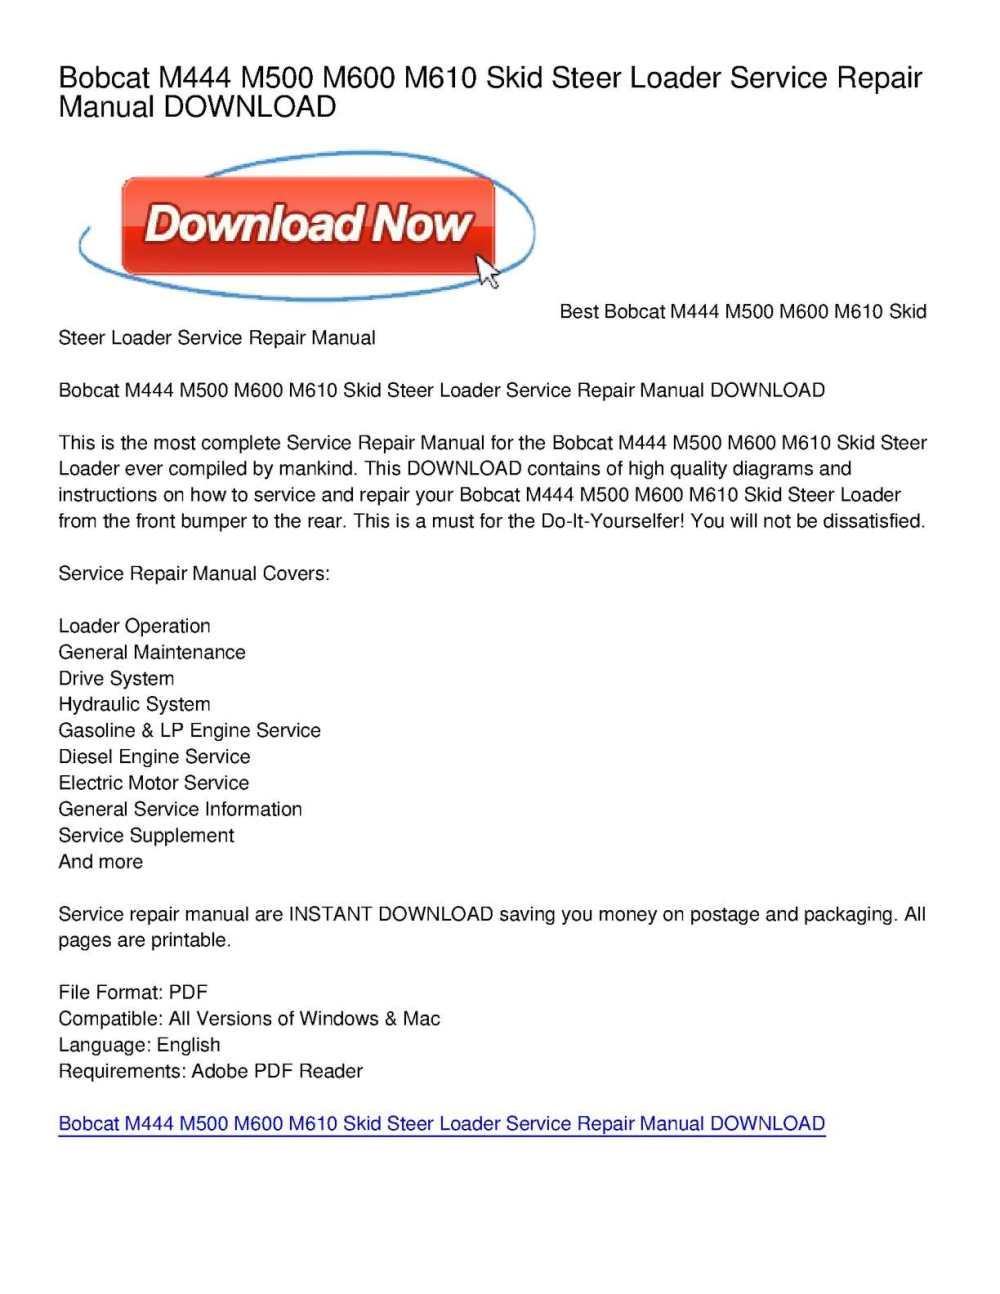 medium resolution of calam o bobcat m444 m500 m600 m610 skid steer loader service repair manual download